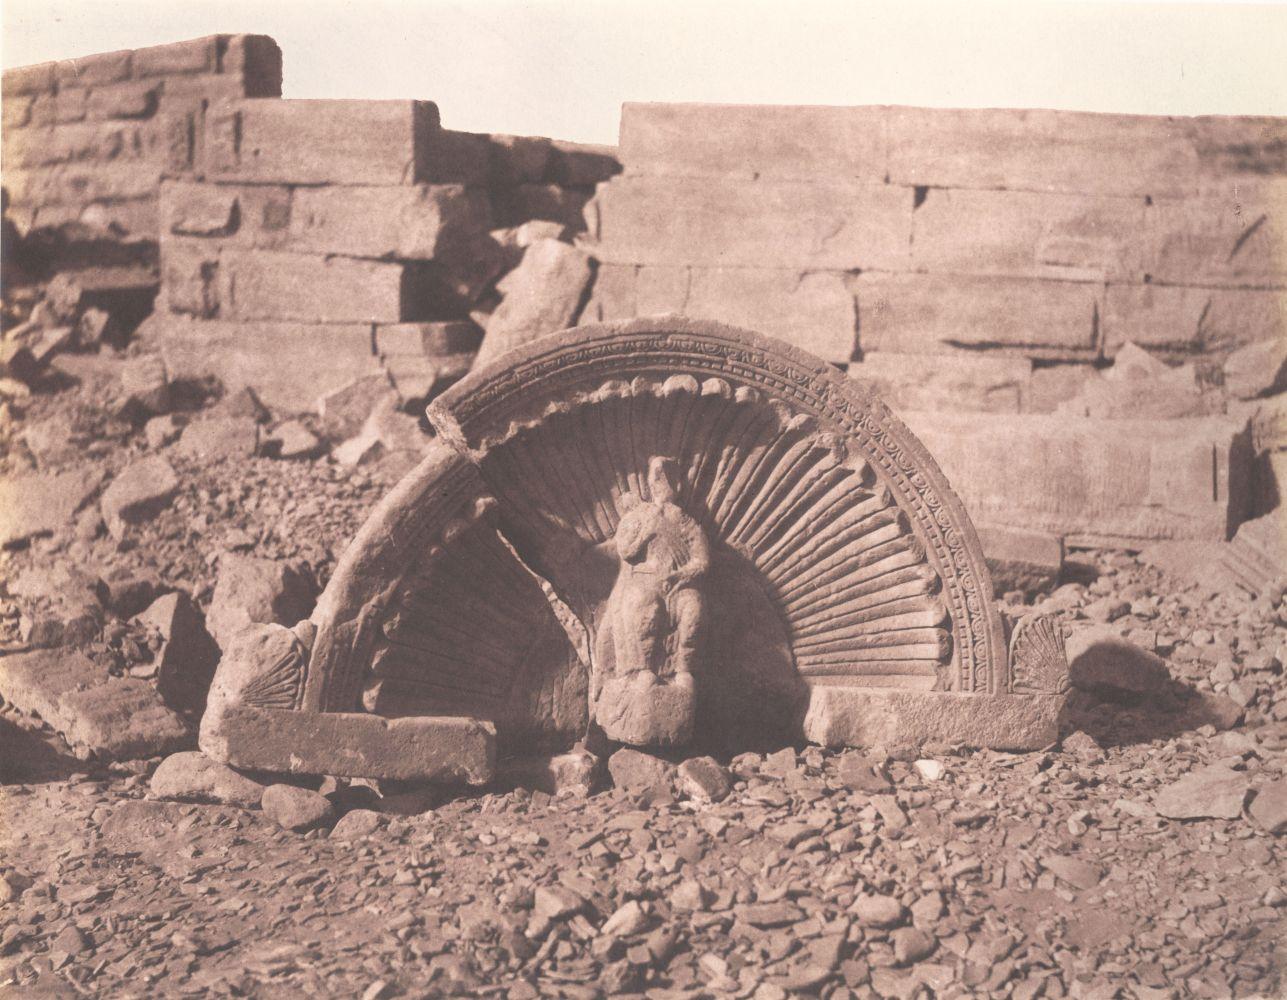 Félix TEYNARD (French, 1817-1892) Tafah (Taphis). Constructions à Assises Courbes - Partie Superieure d'une Niche Sculptée. Pl. 114, 1851-1852 Salt print, 1853-1854, from a waxed paper negative 23.9 x 30.7 cm